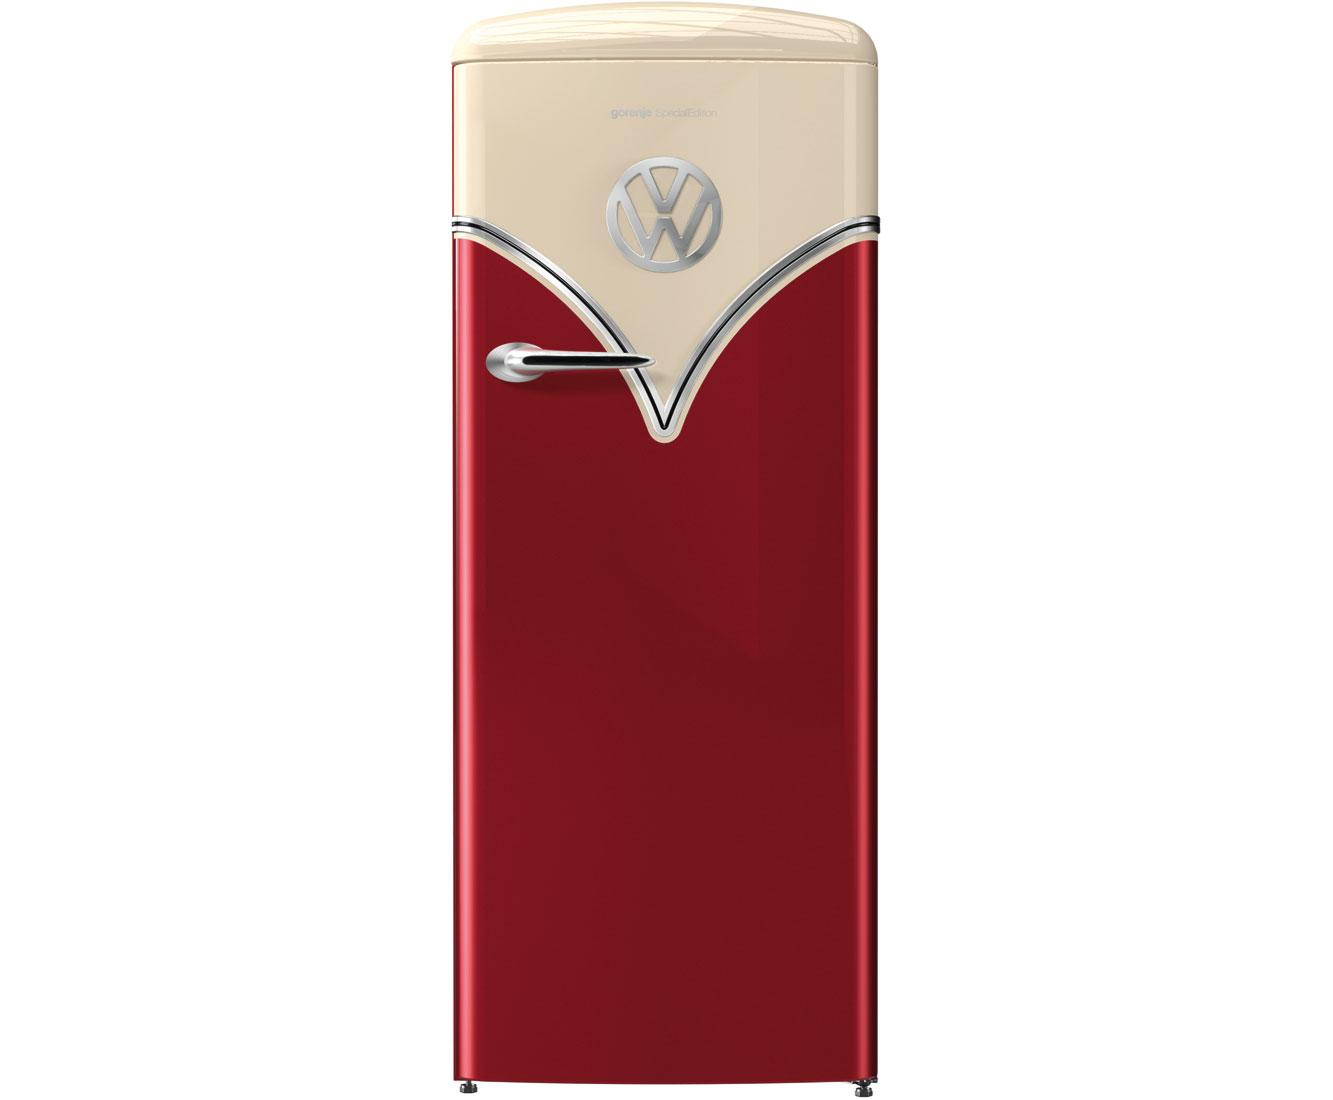 Gorenje Kühlschrank Creme Retro : Kühlschrank retro preisvergleich u die besten angebote online kaufen